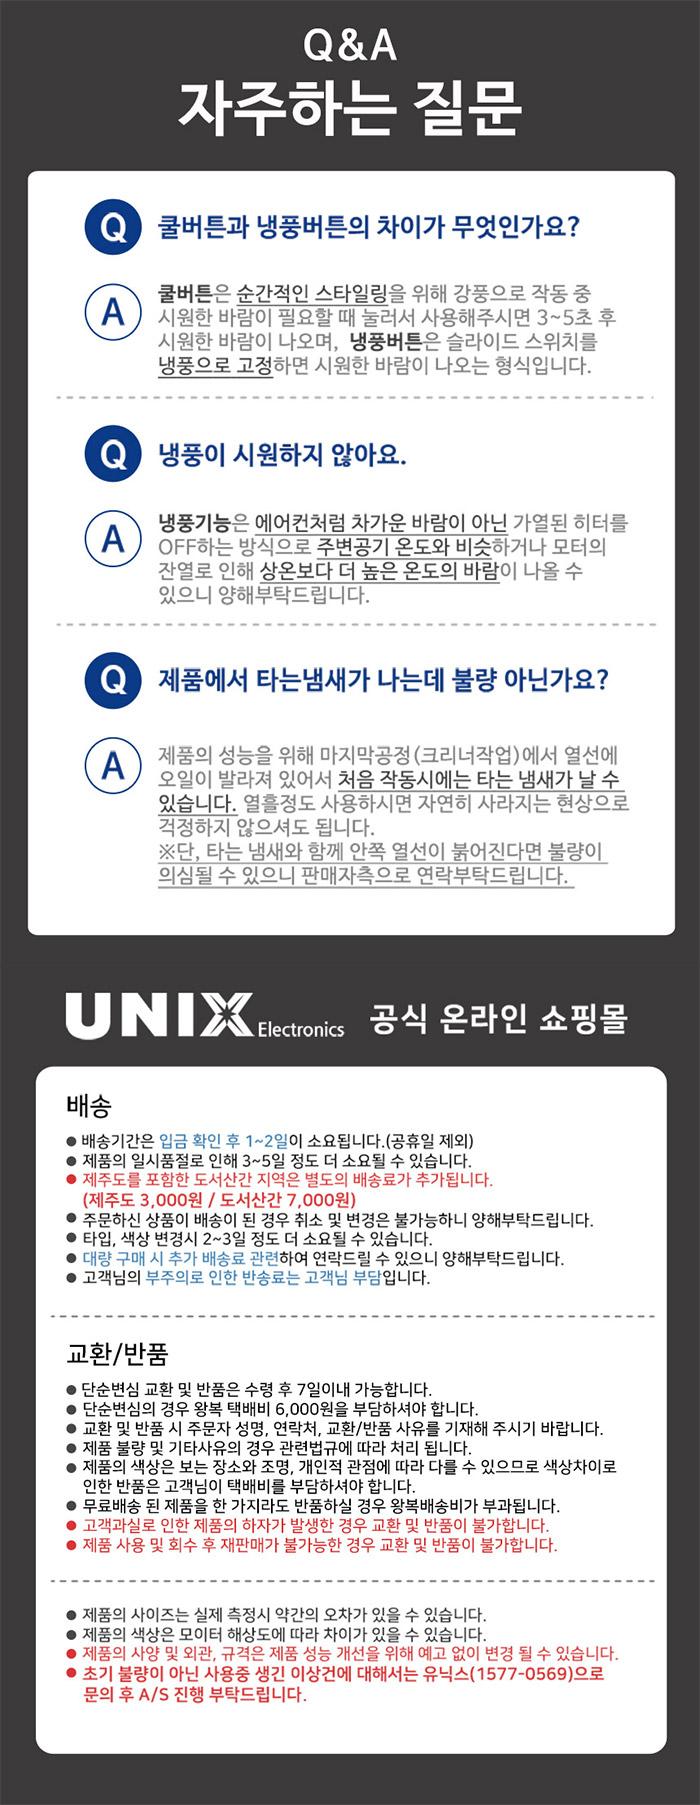 유닉스(UNIX) 4IN1 자동 스타일러 봉고데기 UCI-A2940